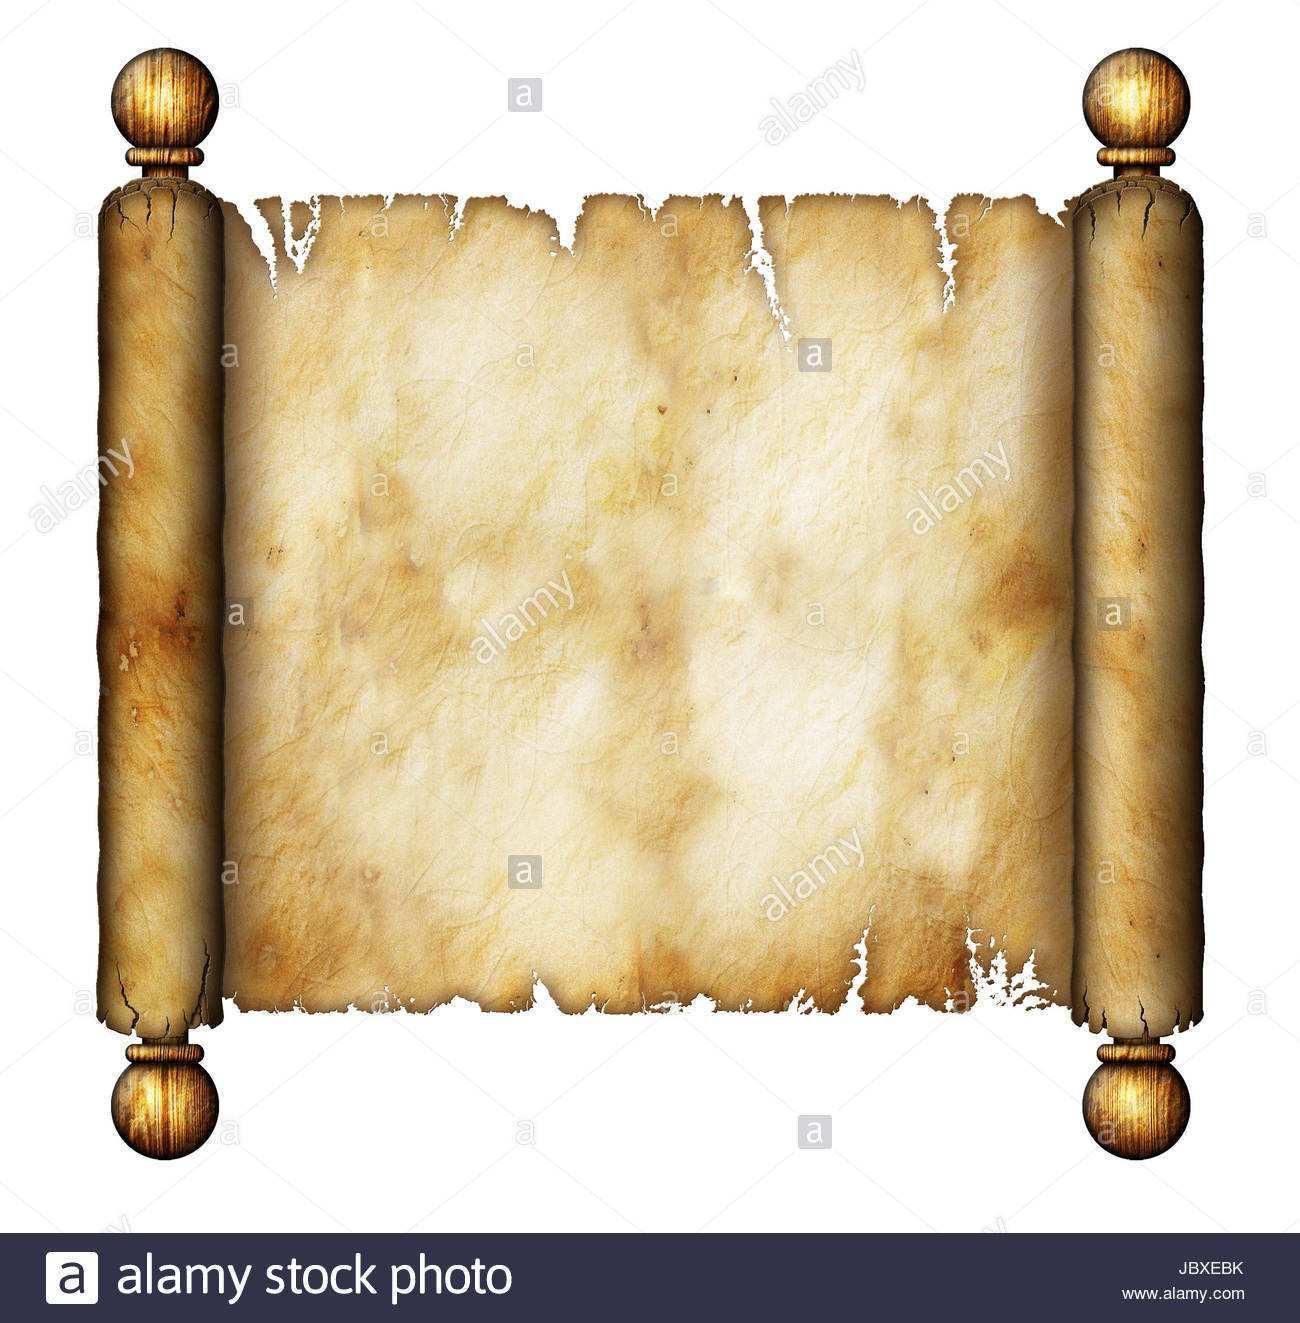 Beispiel Fur Eine Alte Schriftrolle Stockfotografie Alamy